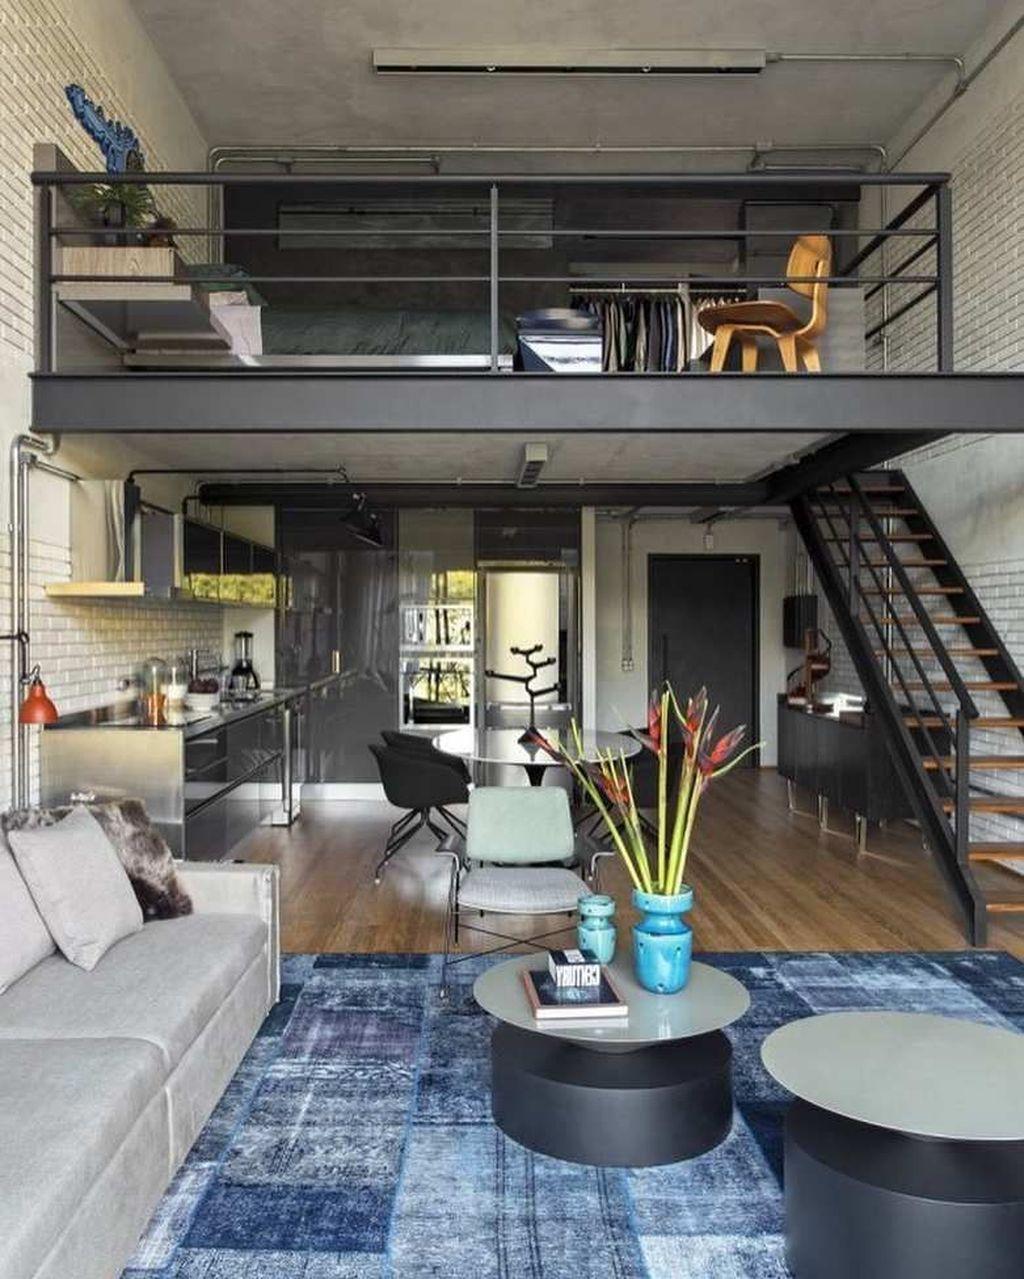 30 Stunning Loft Apartment Decorating Ideas That You Will Like Loft Apartment Decorating Loft Apartment Designs Condo Interior